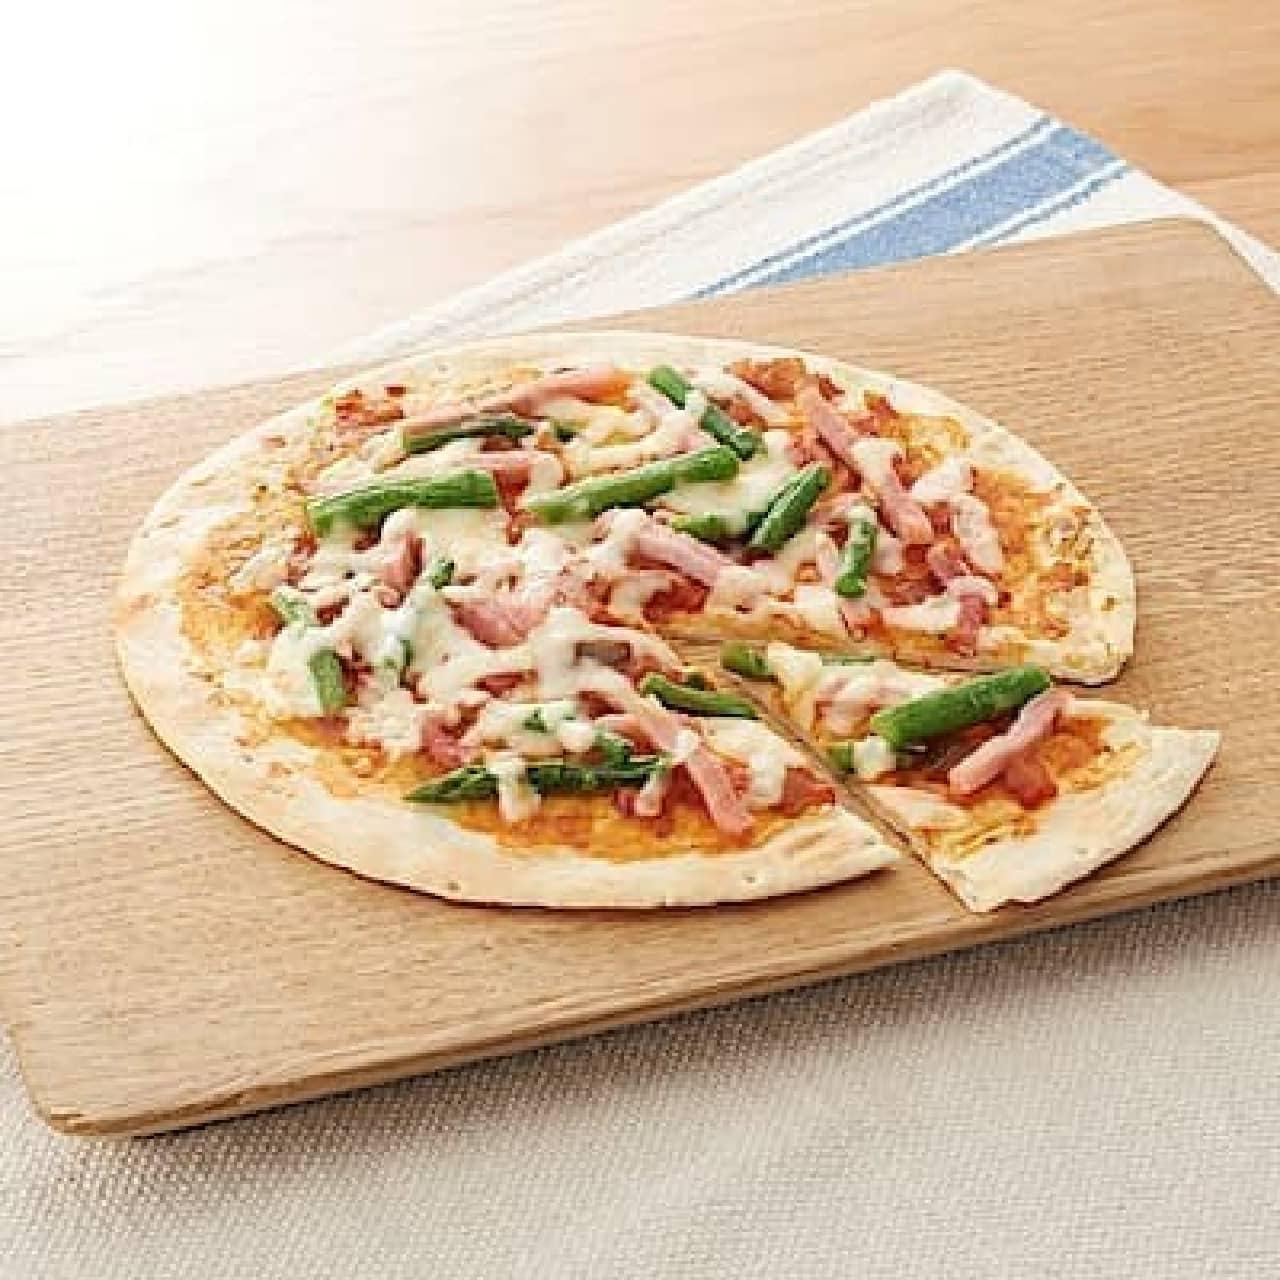 無印良品の冷凍シリーズ「アスパラガスとベーコンのピザ」